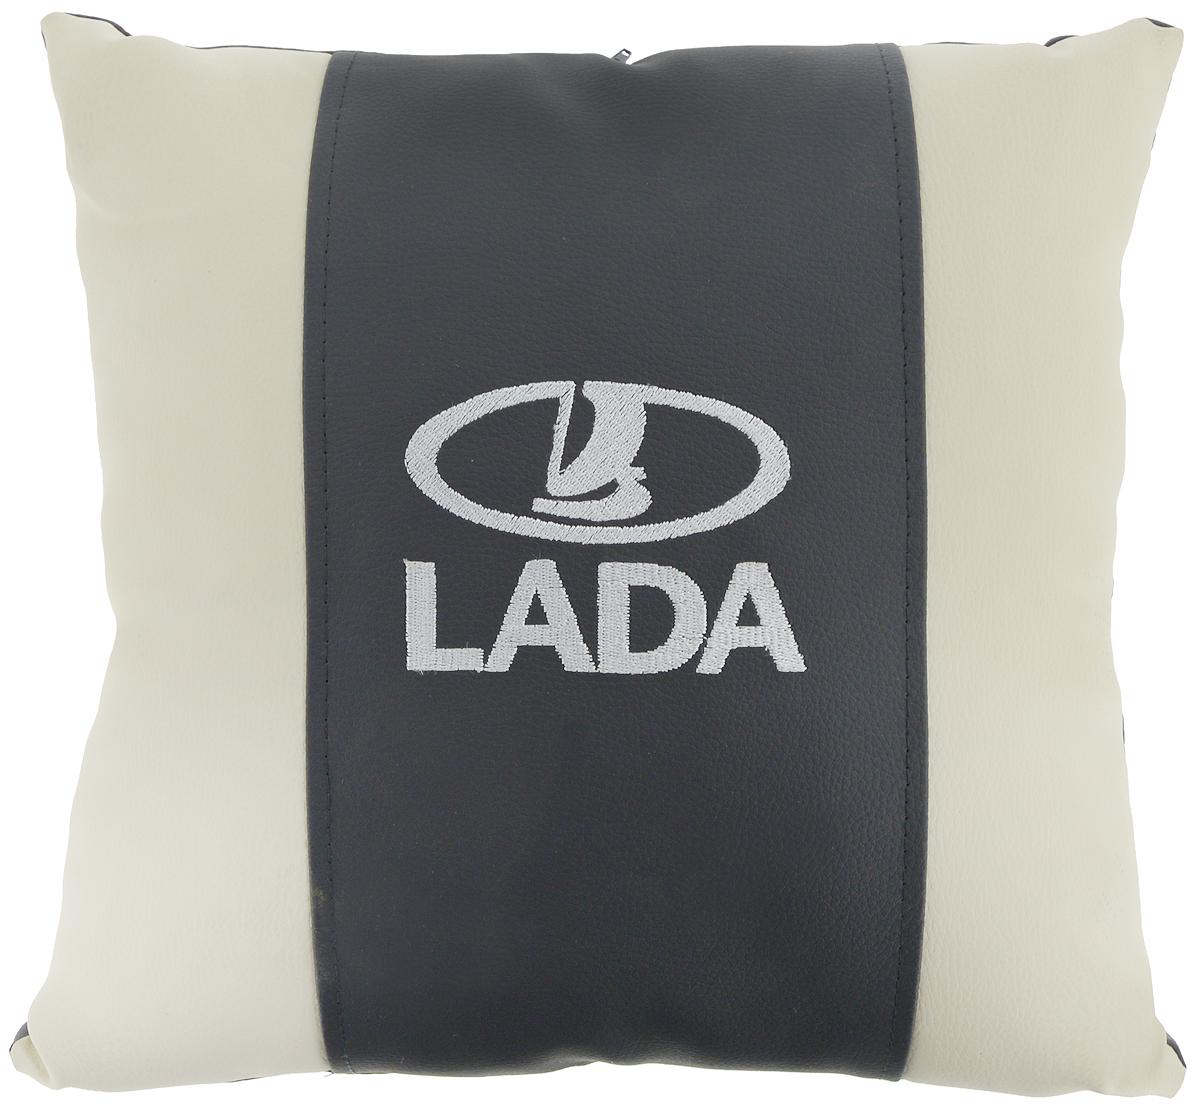 Подушка на сиденье Autoparts Lada, 30 х 30 смМ051Подушка на сиденье Autoparts Lada создана для тех, кто весь свой день вынужден проводить за рулем. Чехол выполнен из высококачественной дышащей экокожи. Наполнителем служит холлофайбер. На задней части подушки имеется змейка.Особенности подушки:- Хорошо проветривается.- Предупреждает потение.- Поддерживает комфортную температуру.- Обминается по форме тела.- Улучшает кровообращение.- Исключает затечные явления.- Предупреждает развитие заболеваний, связанных с сидячим образом жизни. Подушка также будет полезна и дома - при работе за компьютером, школьникам - при выполнении домашних работ, да и в любимом кресле перед телевизором.